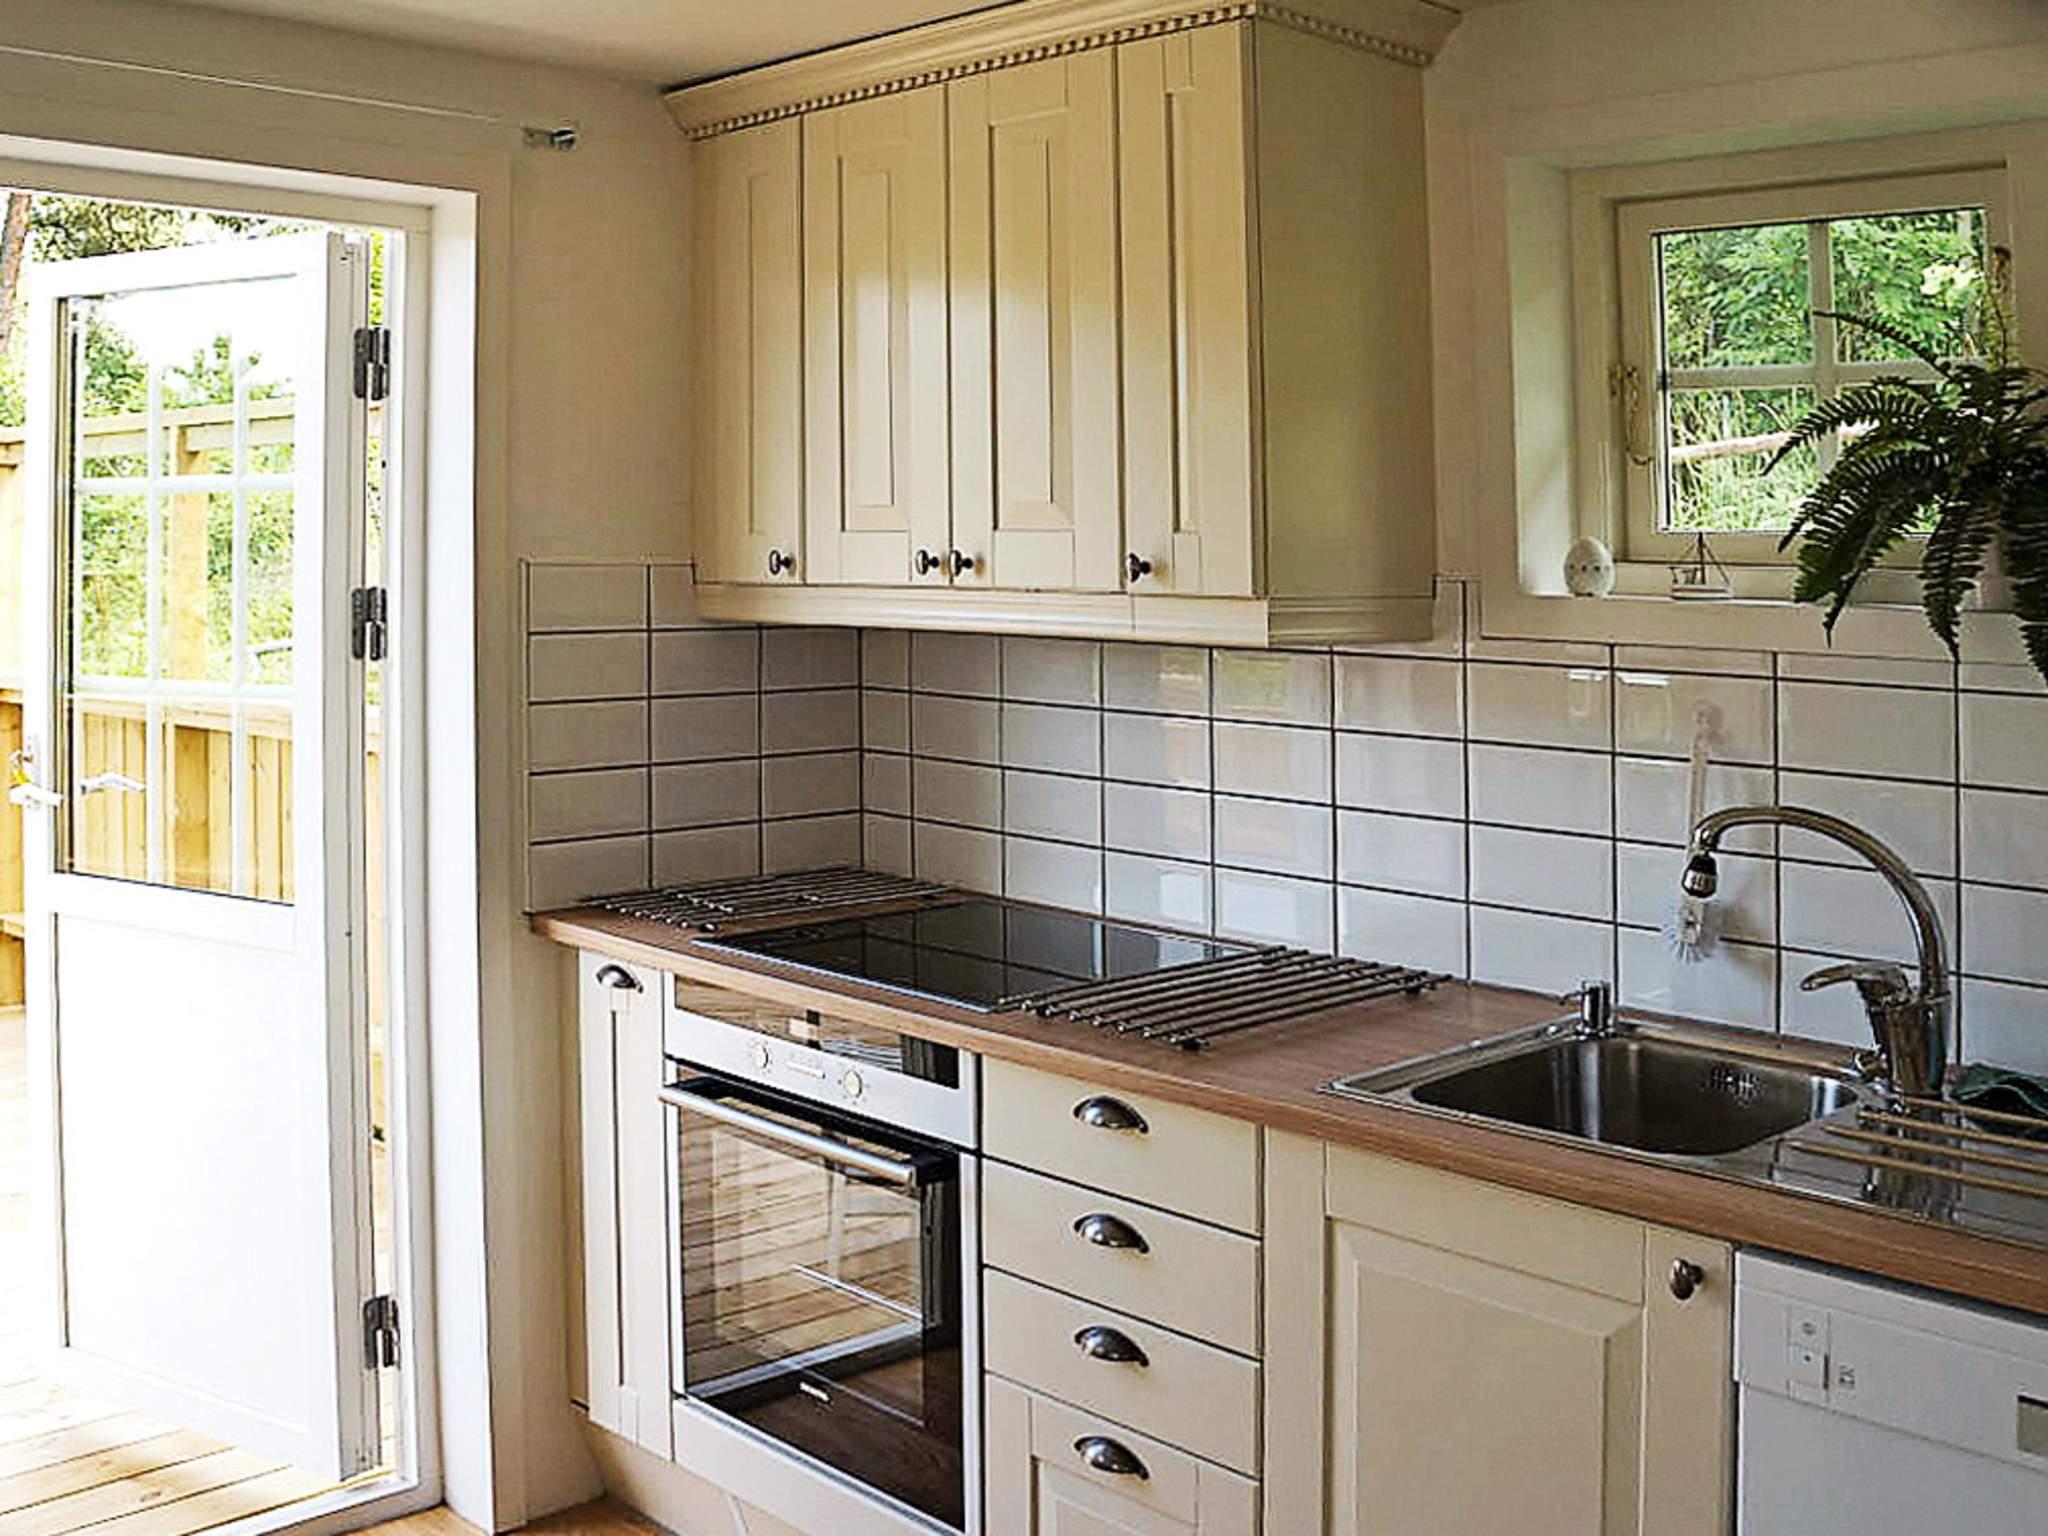 Ferienhaus Arkösund (672427), Arkösund, Östergötlands län, Südschweden, Schweden, Bild 3